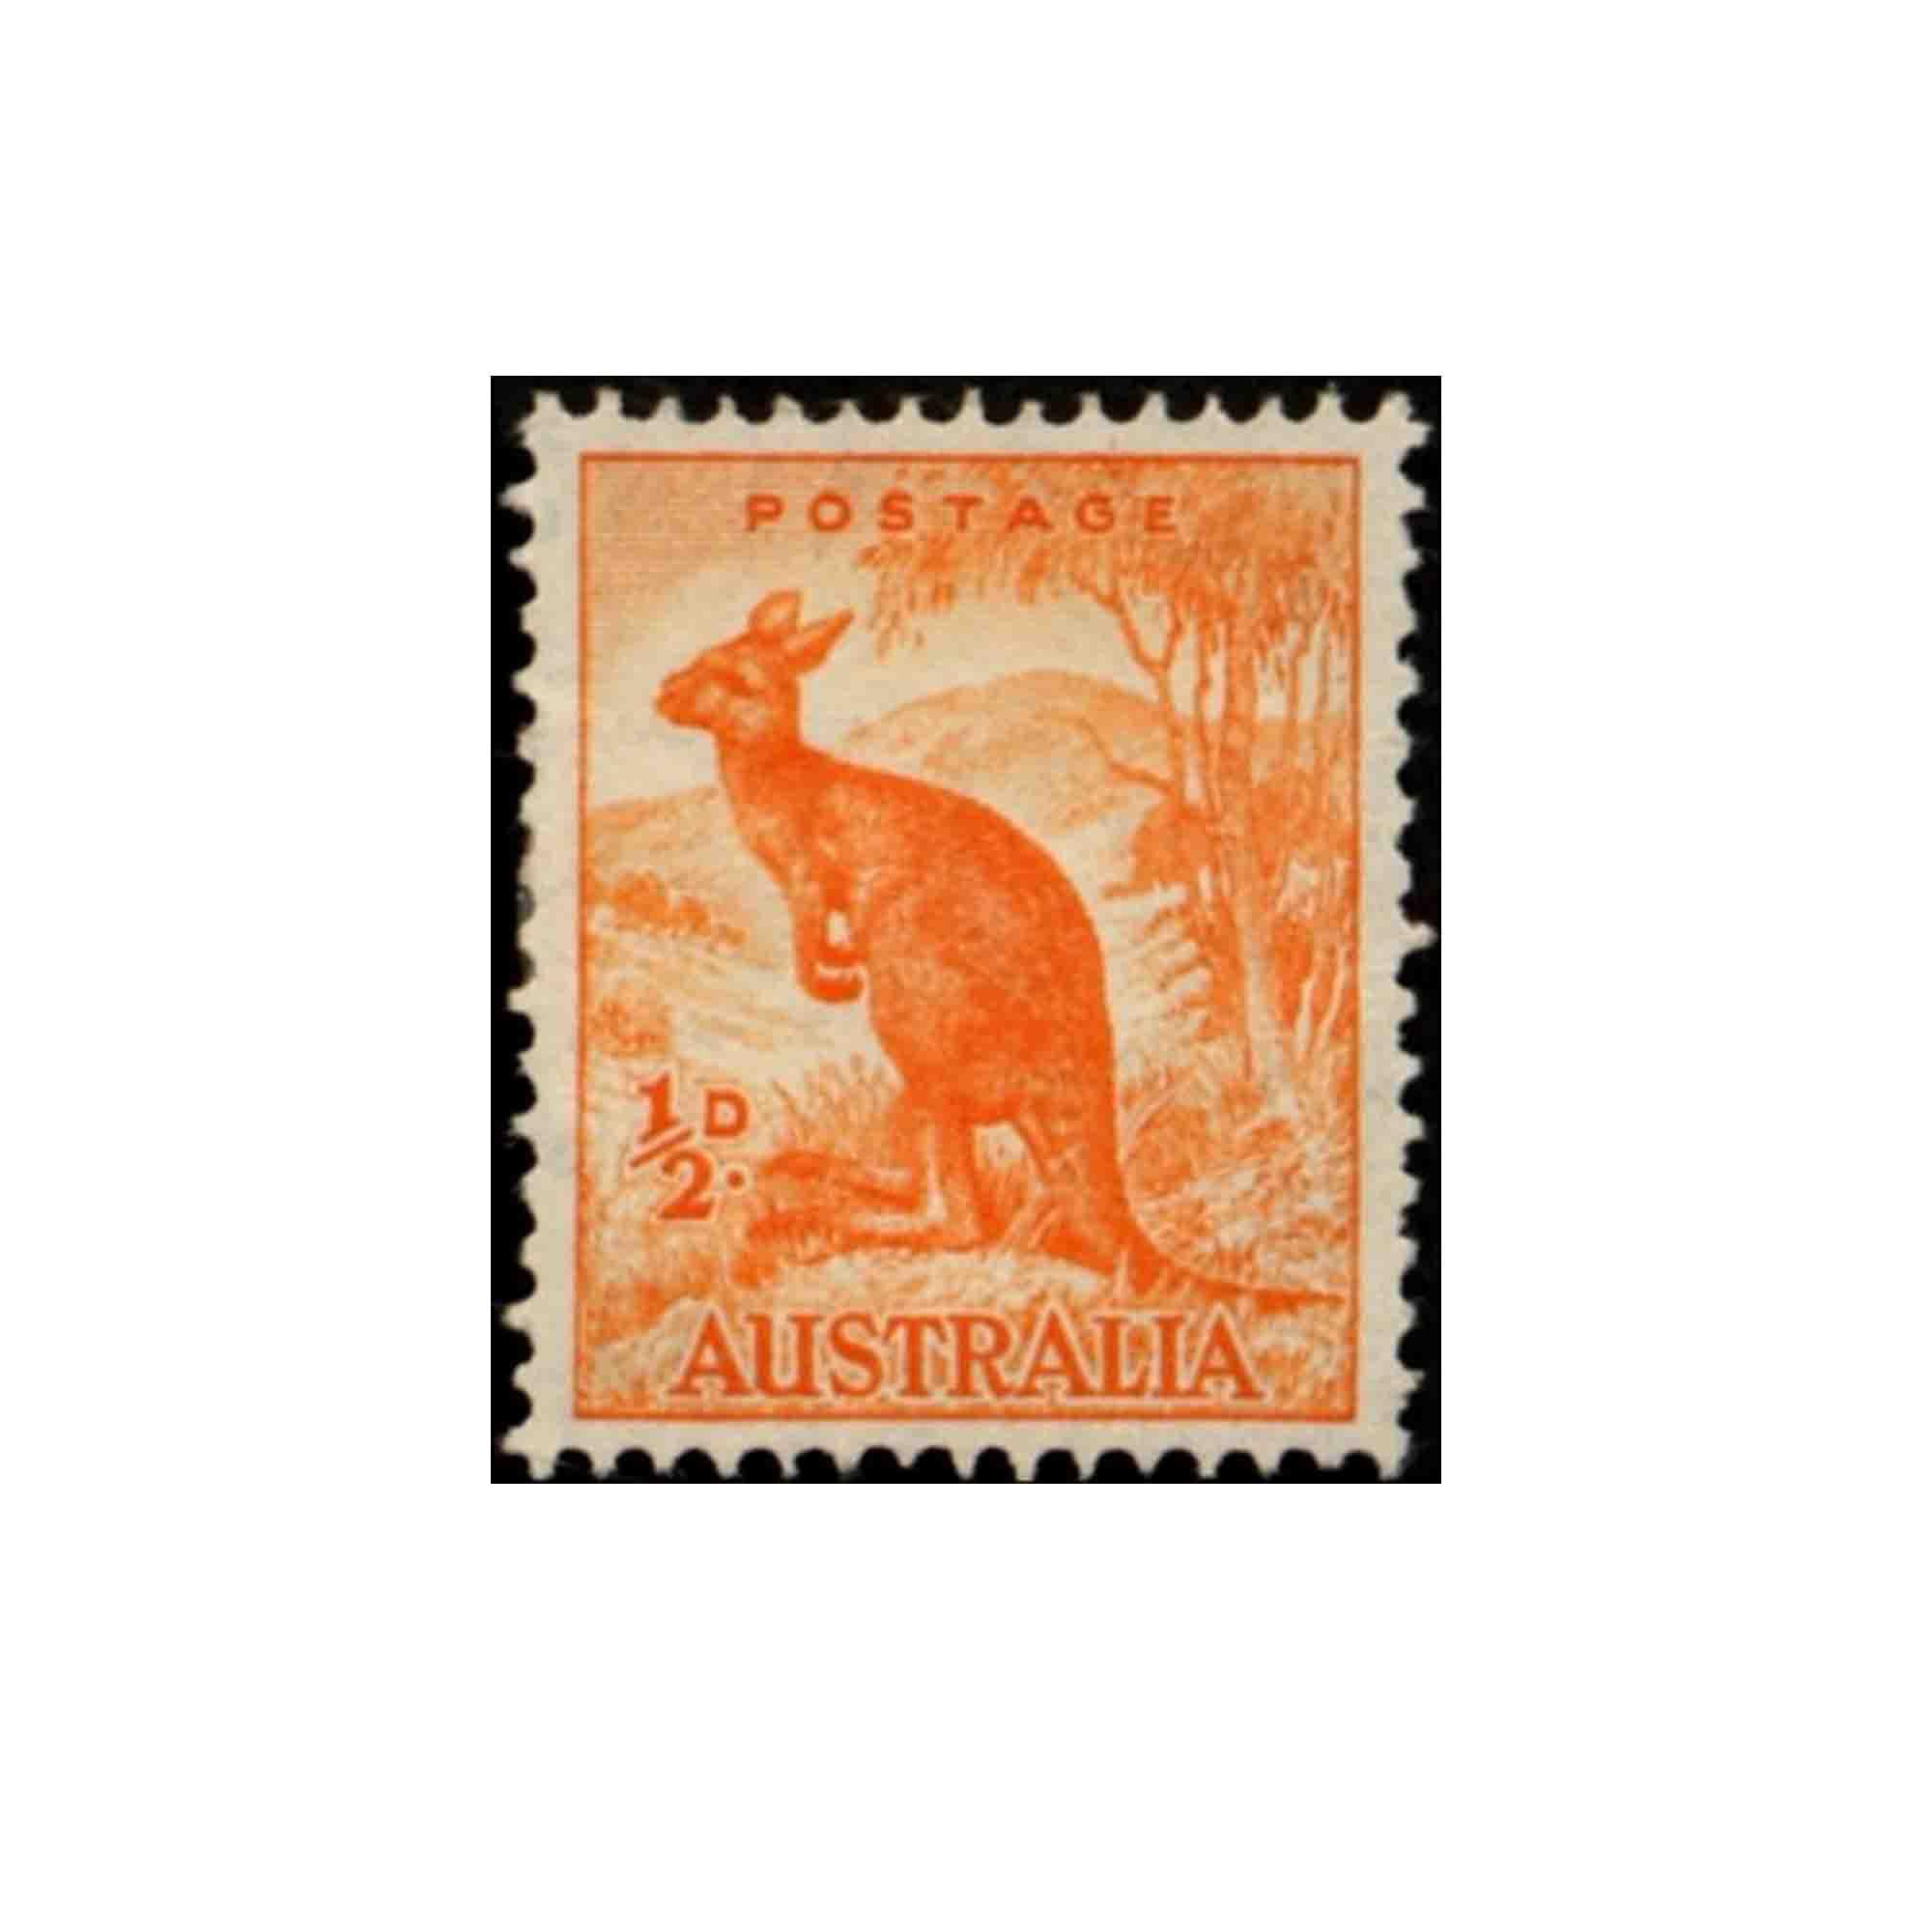 Orange kangaroo stamp photo